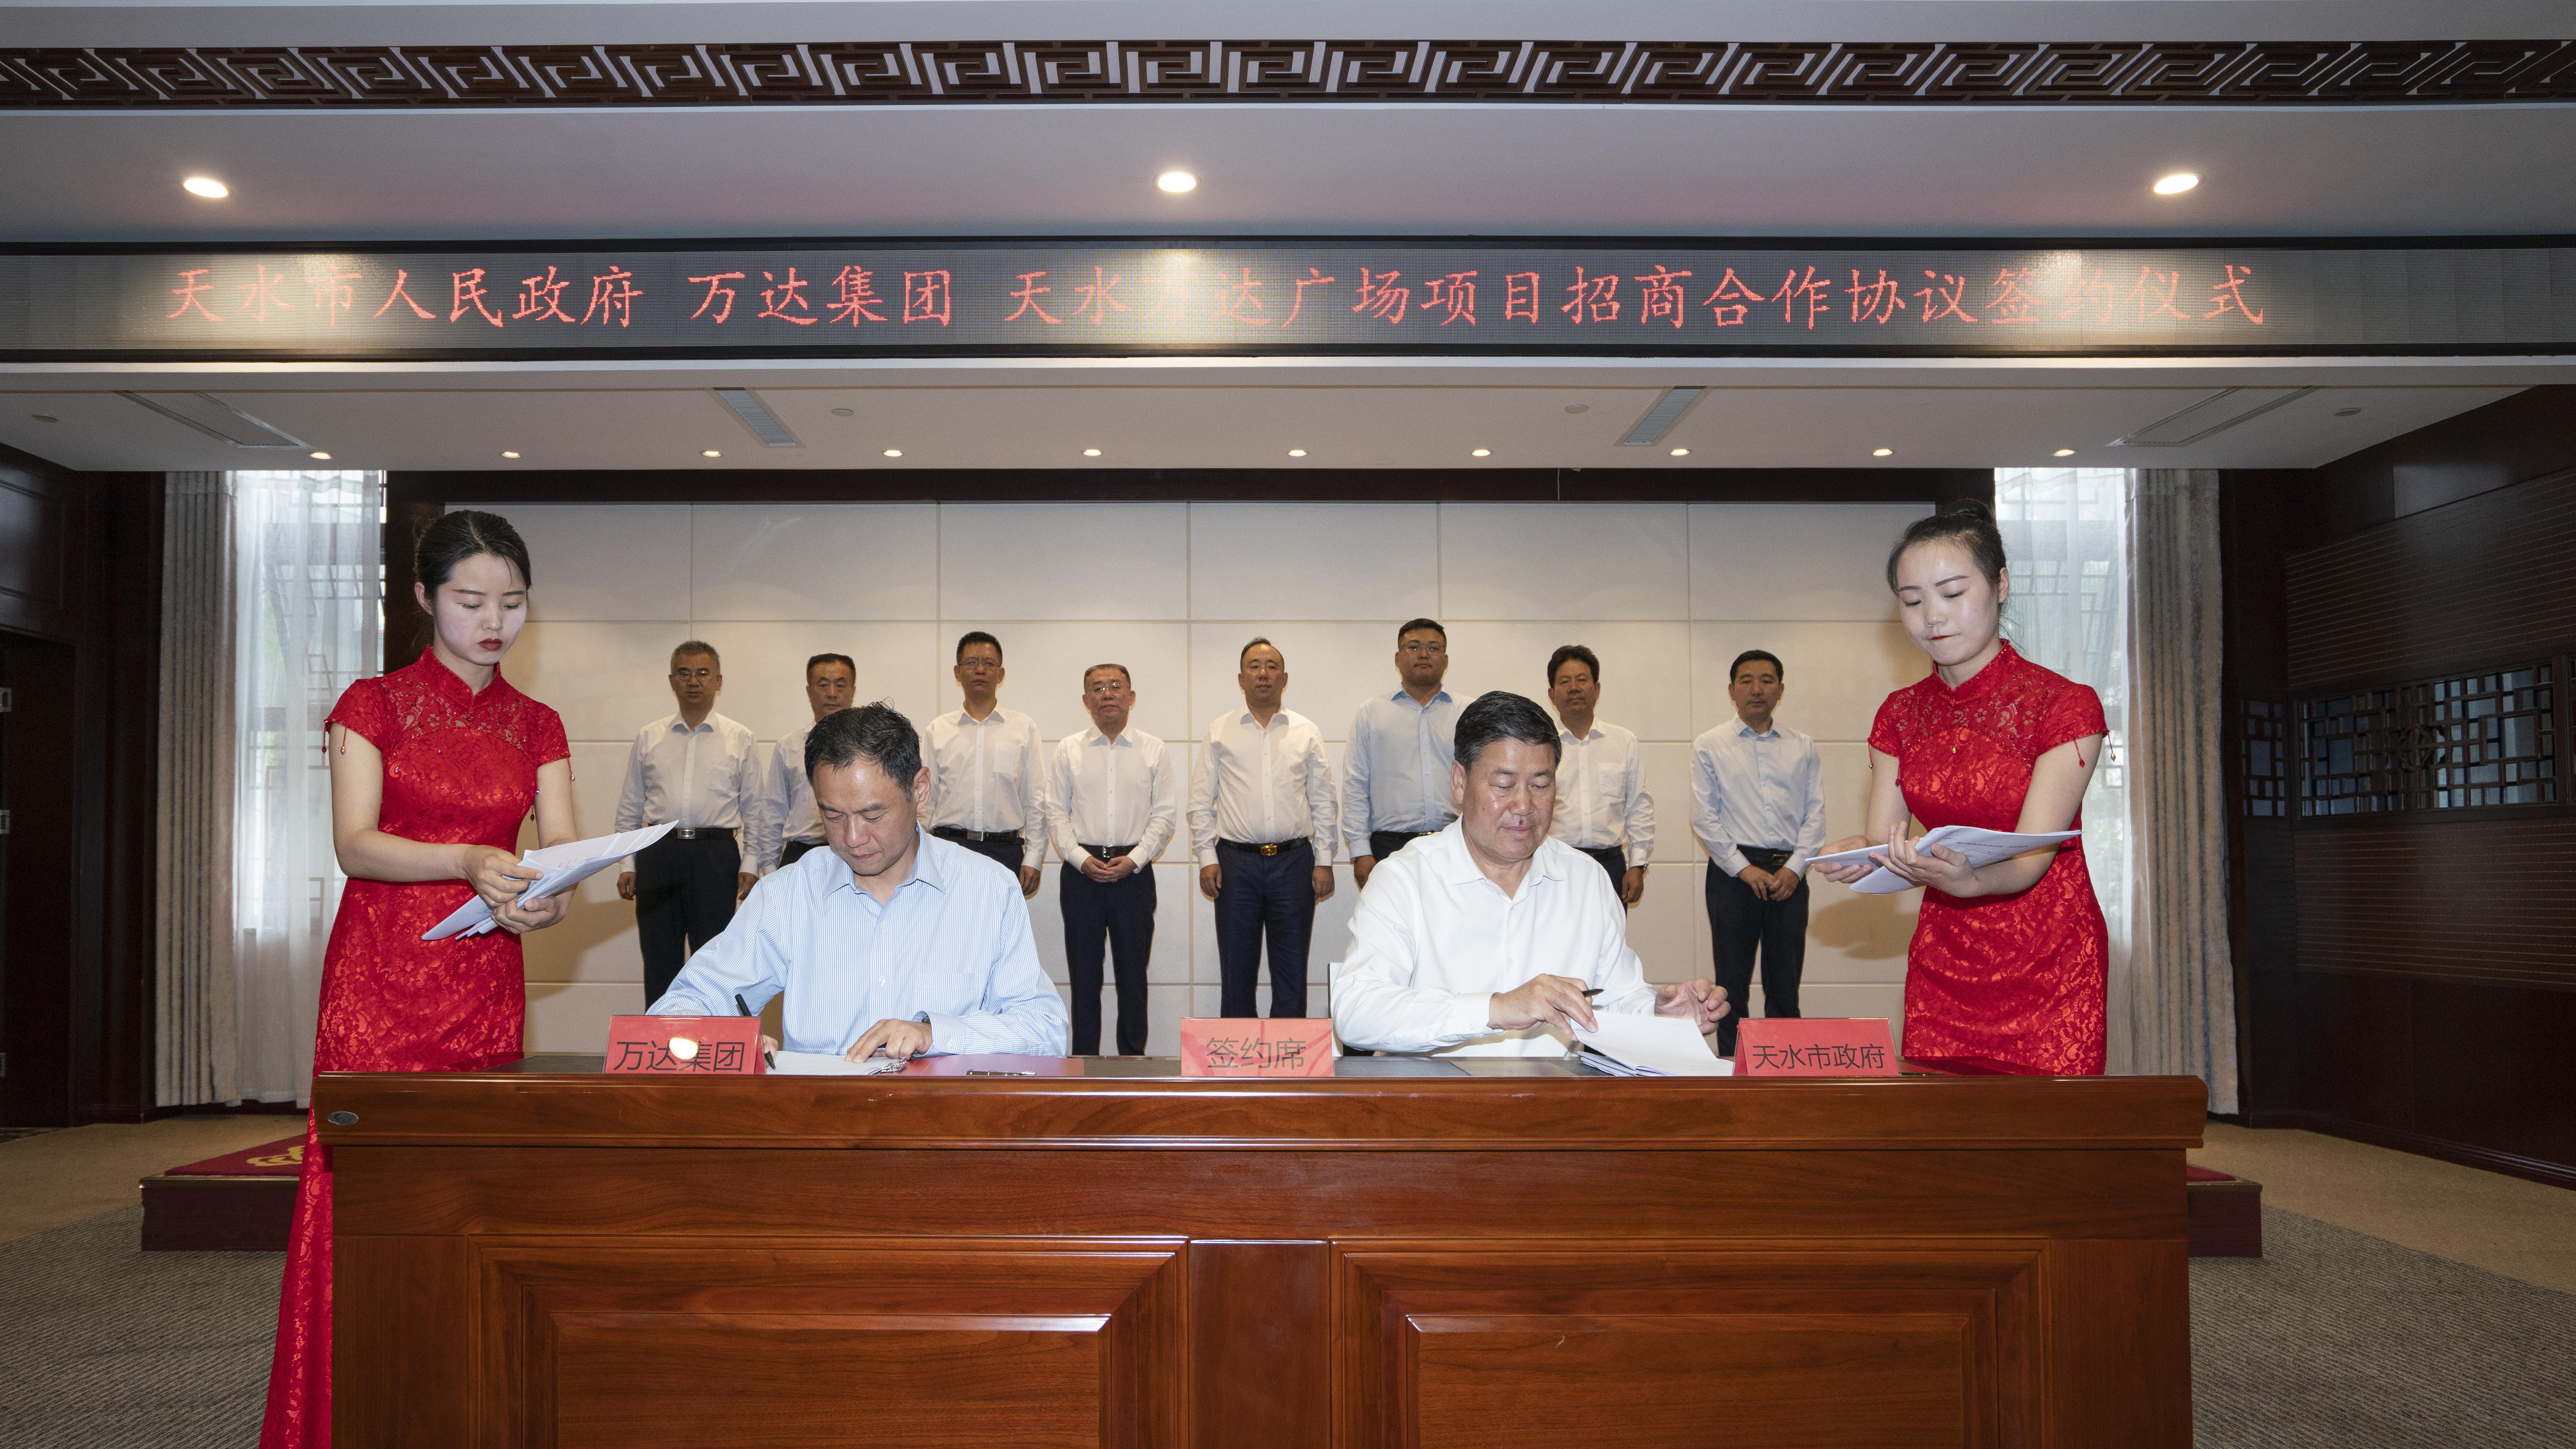 天水万达广场项目合作协议签订